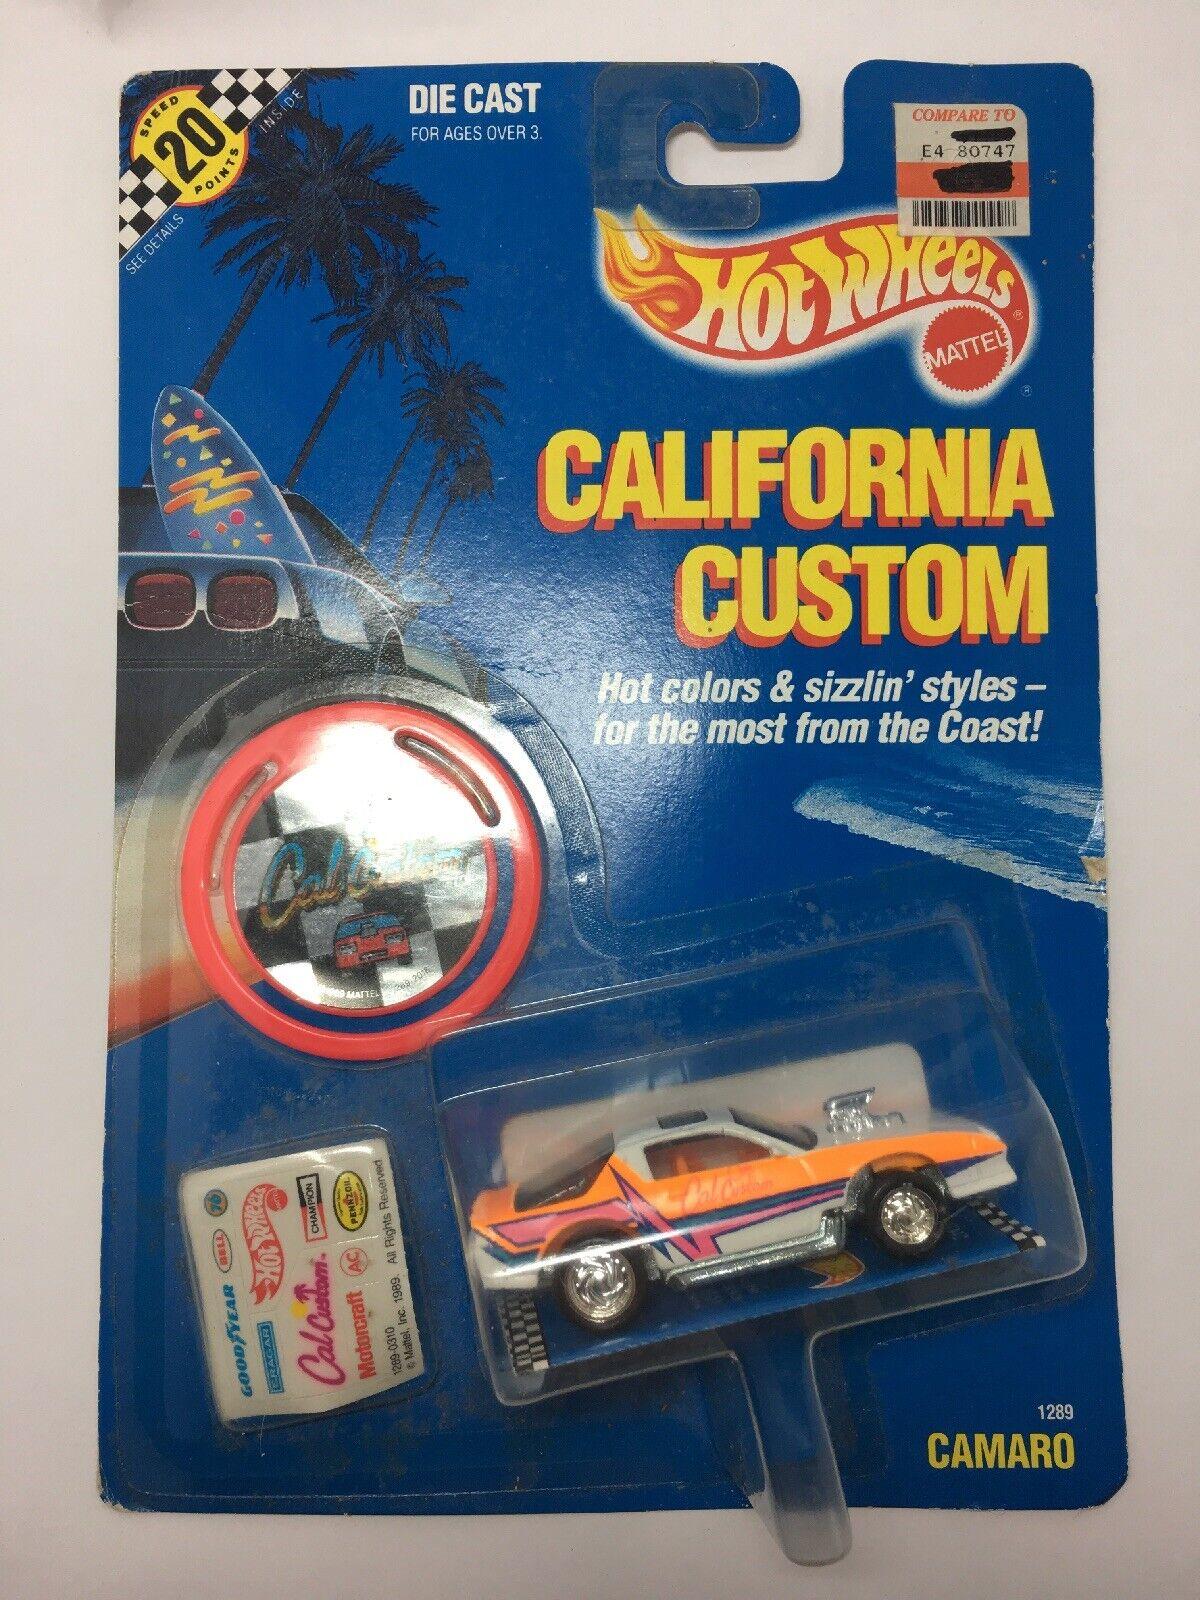 Hot Wheels California Personalizado 1289 Camaro Nuevo Nuevo Nuevo Sellado Naranja 8468da